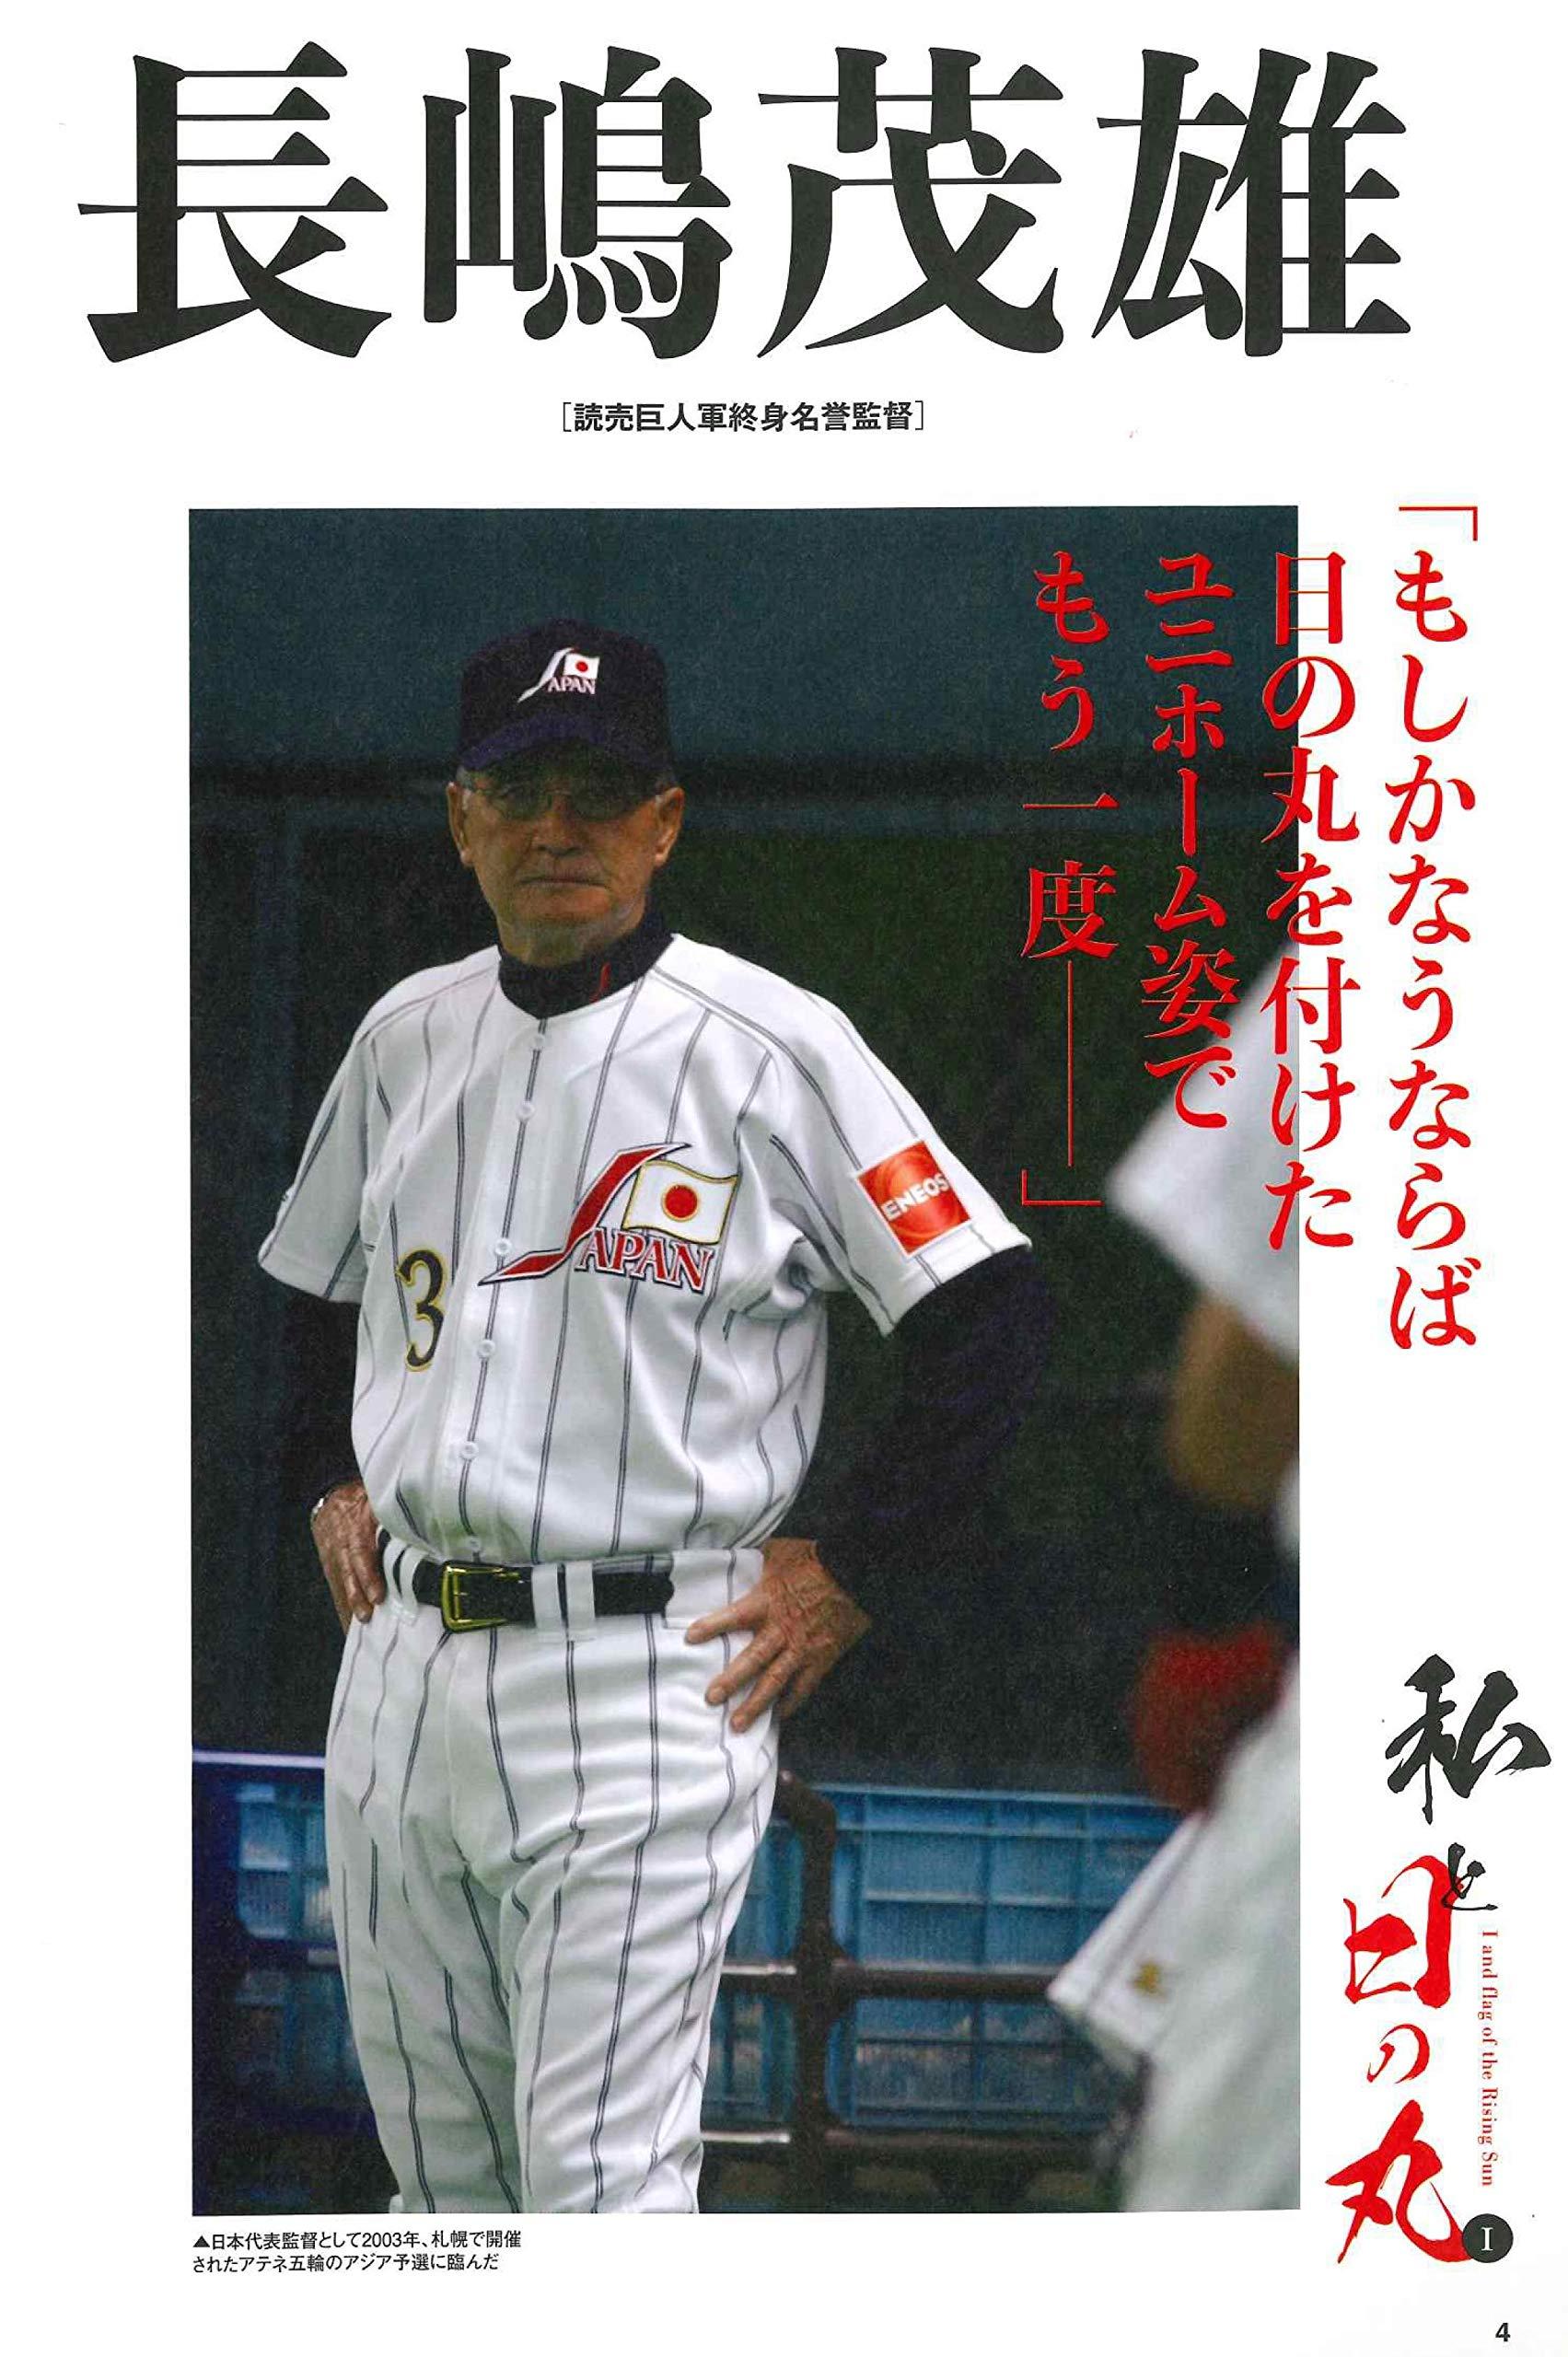 代表 ユニフォーム 歴代 日本